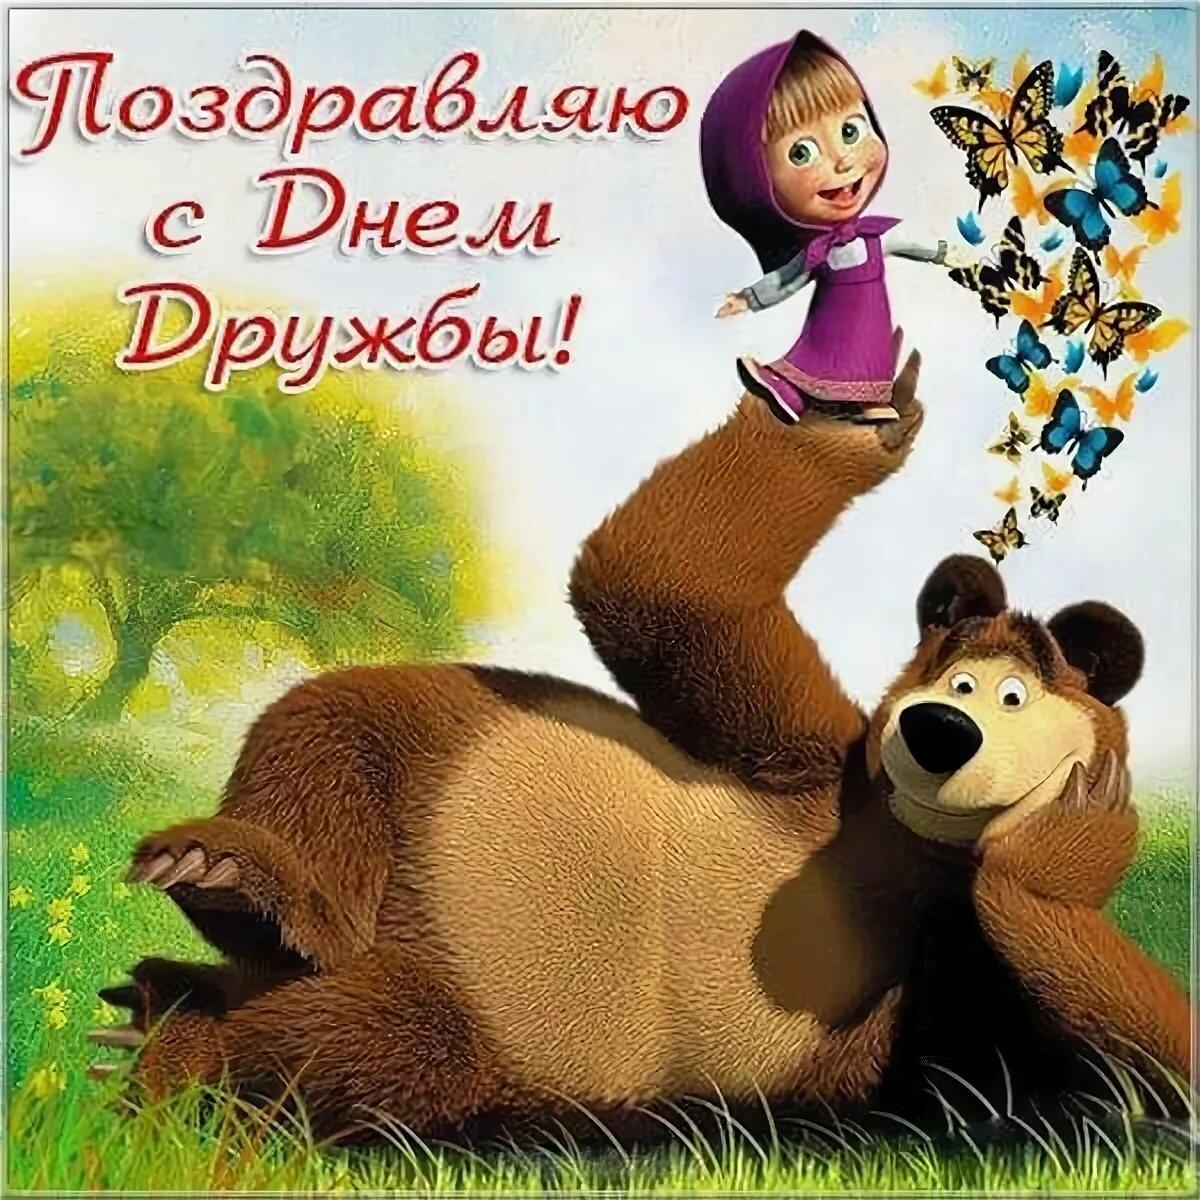 Международный день дружбы 30 июля картинки поздравления